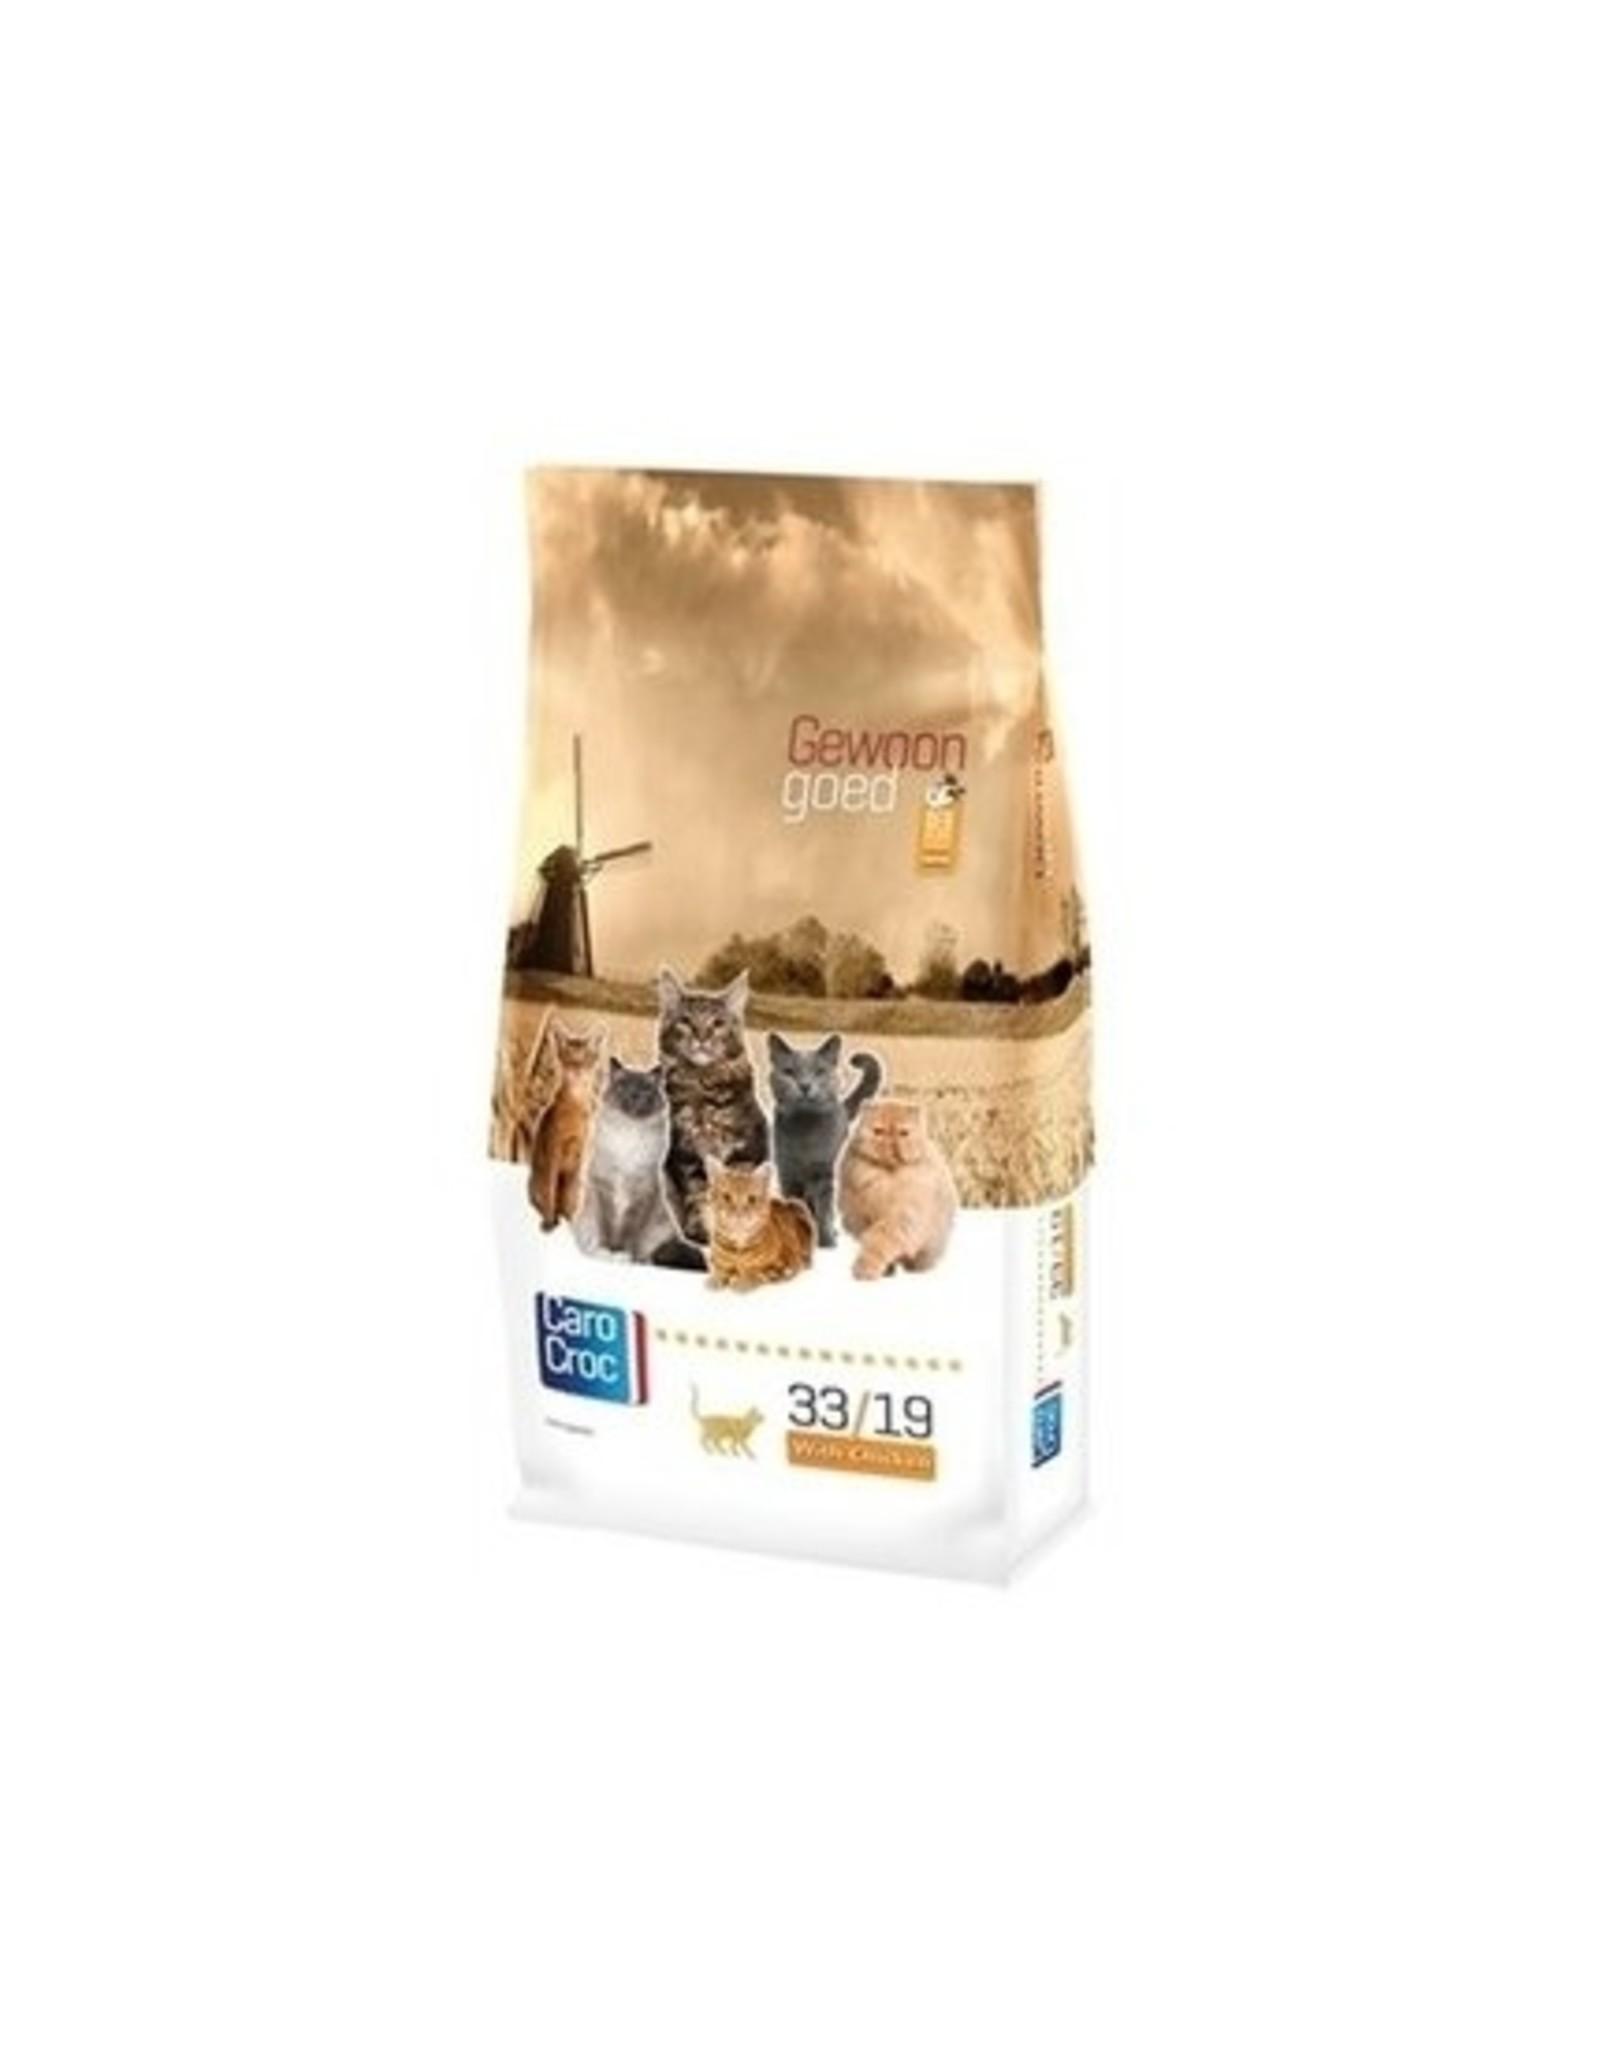 Sanimed Sanimed Carocroc Kat 33/19 Chk Rice 6x400gr